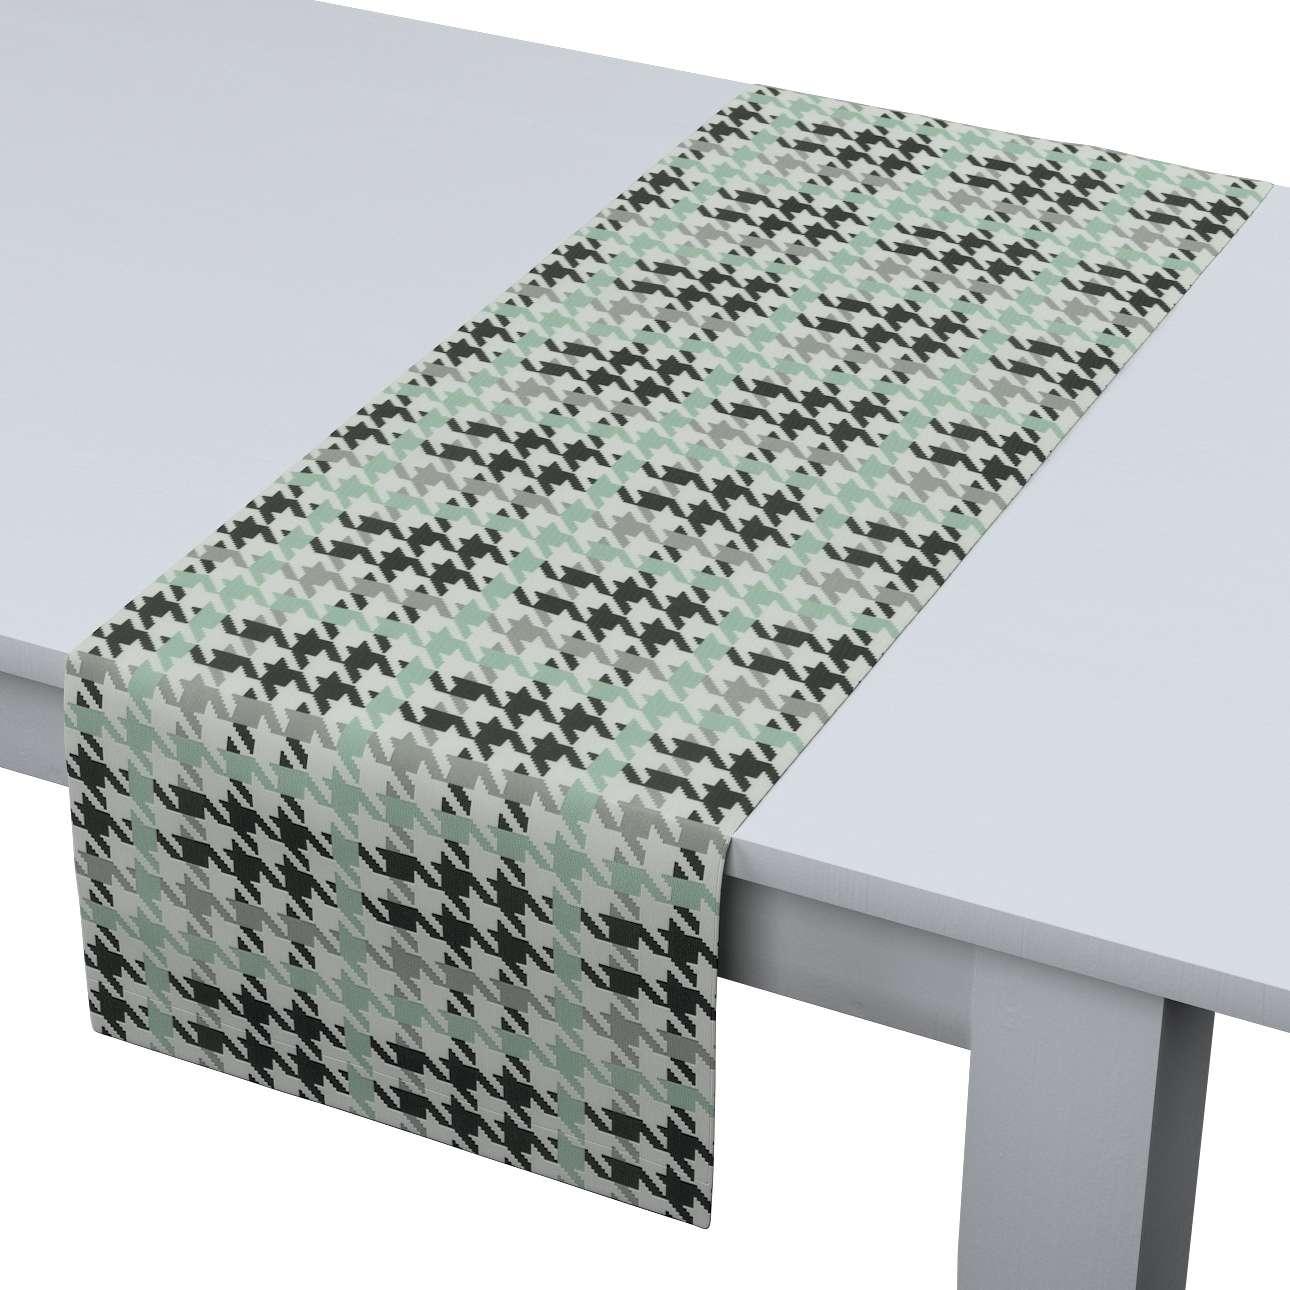 Bieżnik prostokątny 40x130 cm w kolekcji Brooklyn, tkanina: 137-77